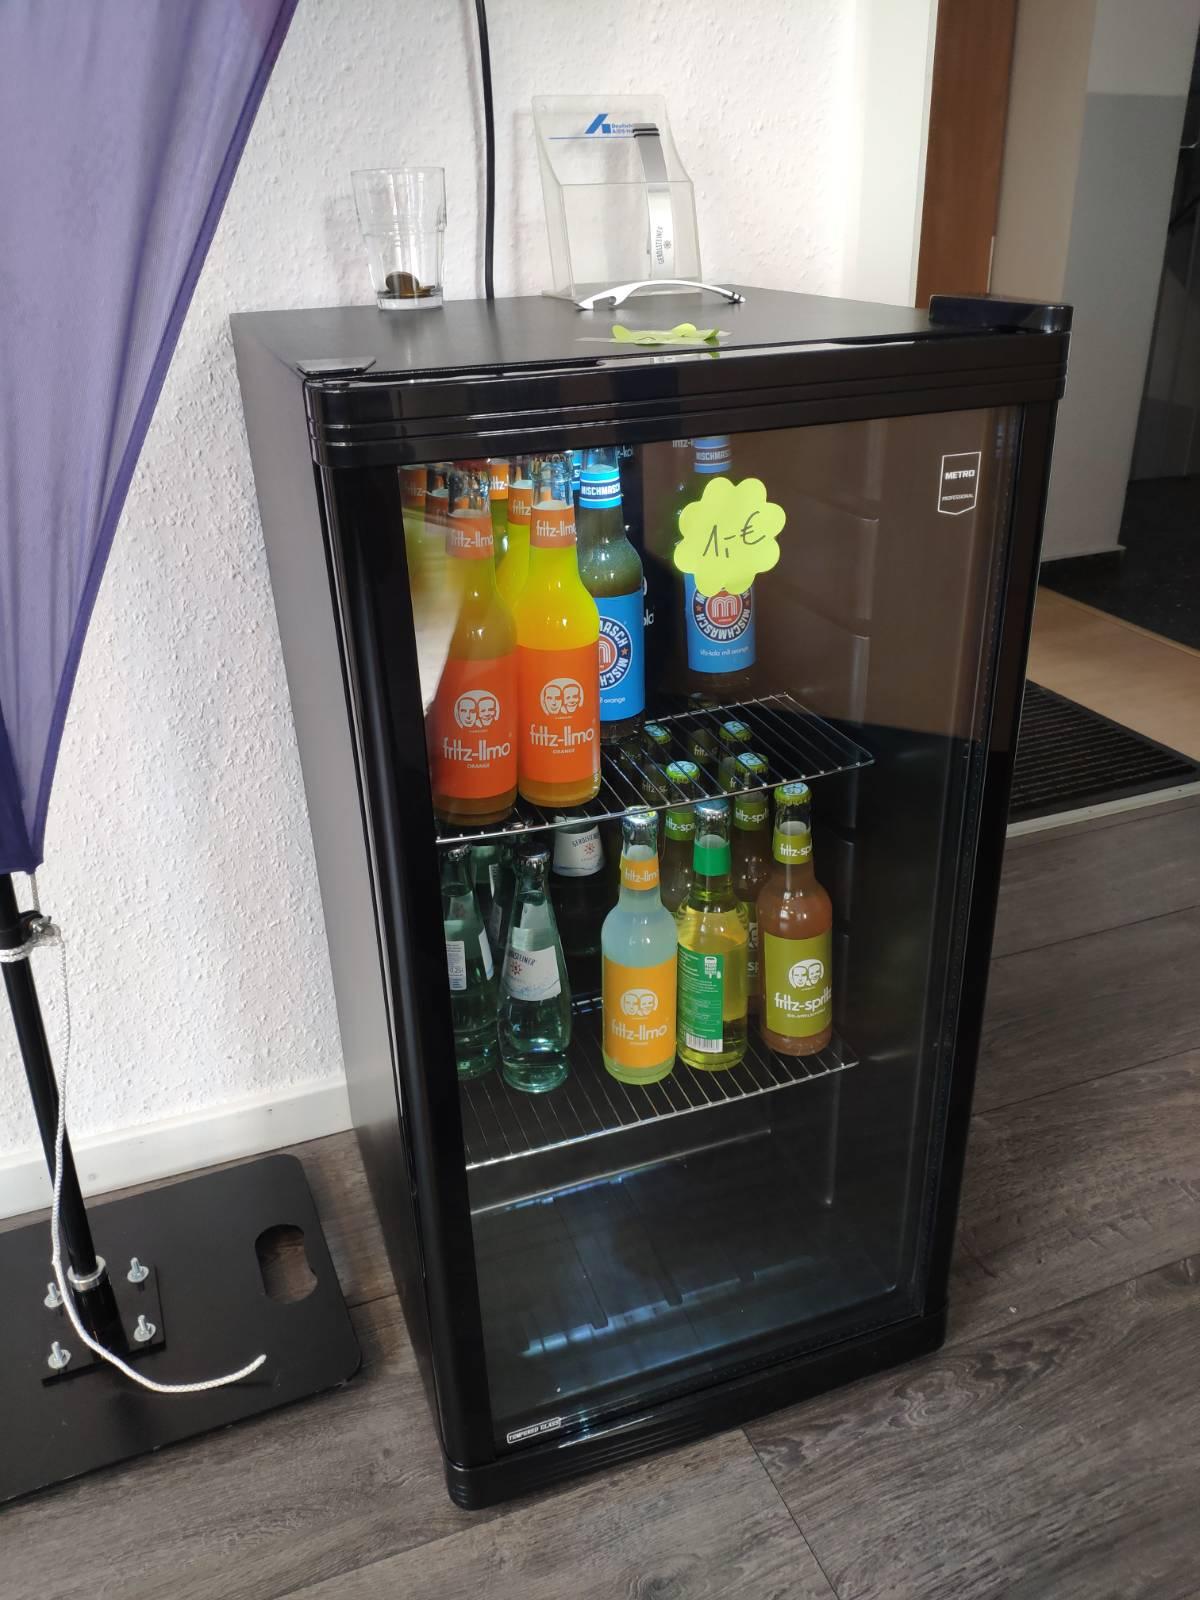 Das Bild zeigt einen Kühlschrank in dem sich verschiedene Getränke befinden